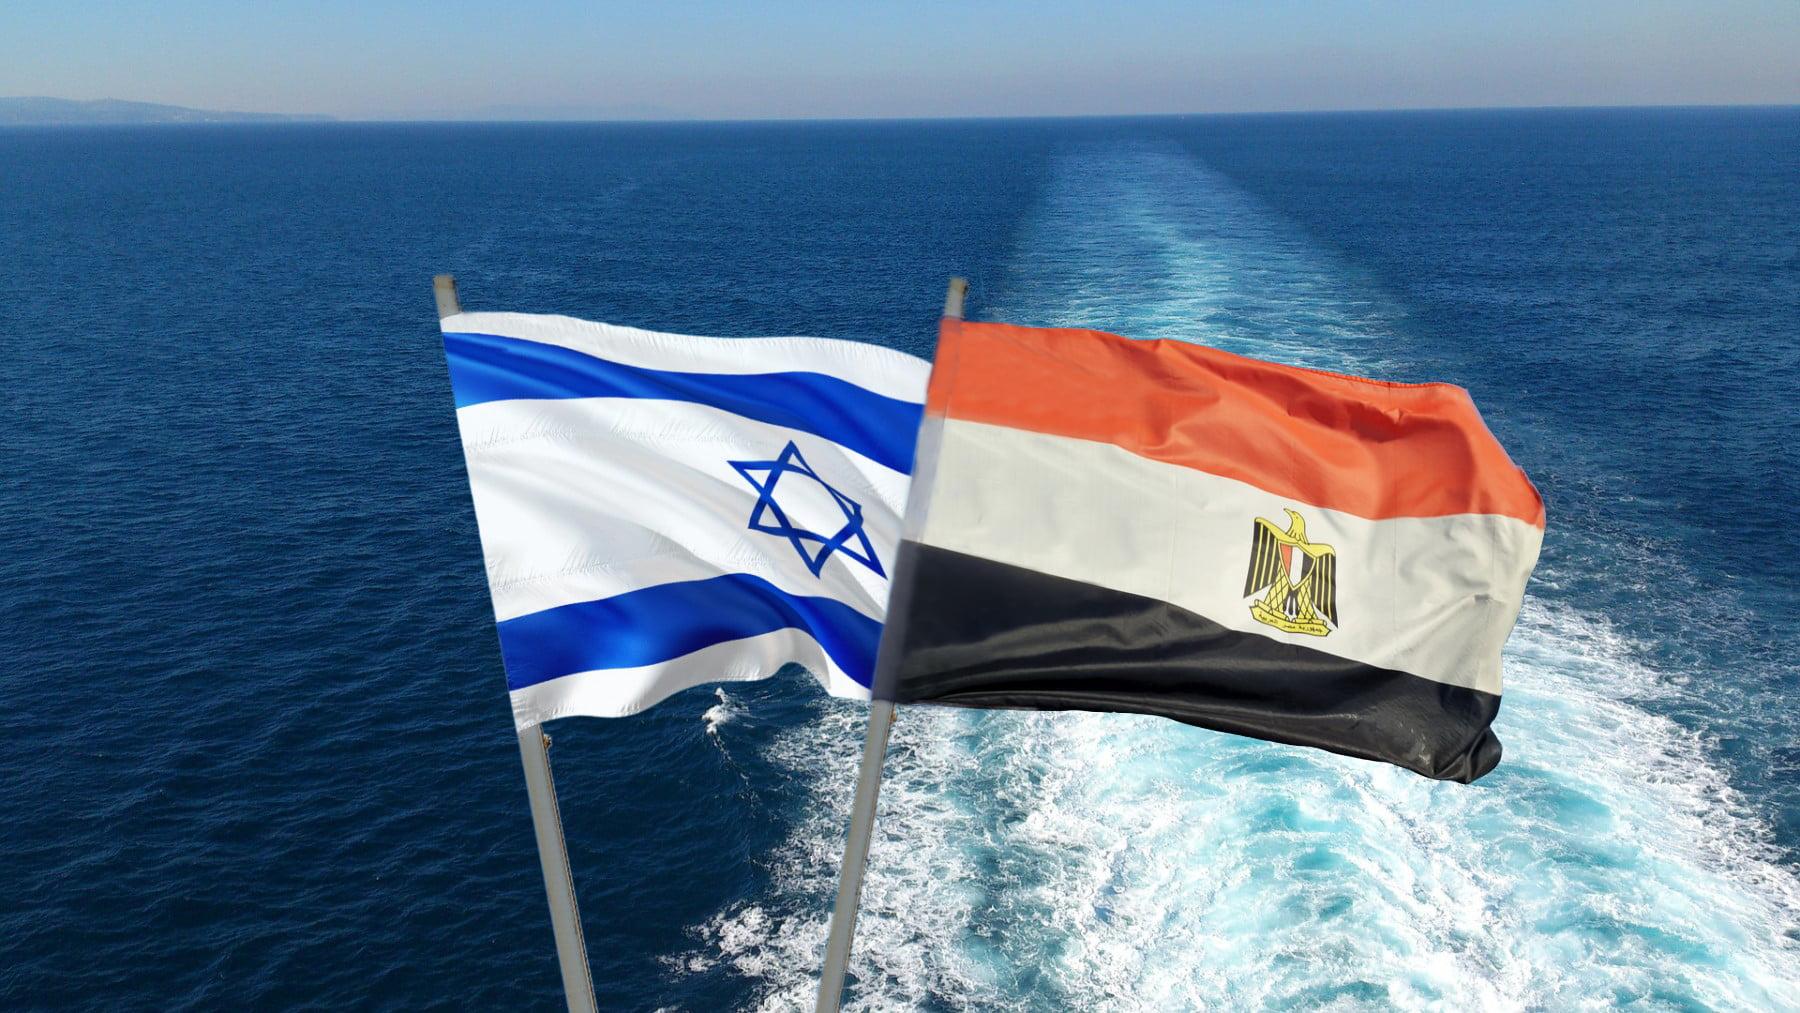 Αίγυπτος και Ισραήλ παράγουν ειρήνη και ακυρώνουν την Άγκυρα